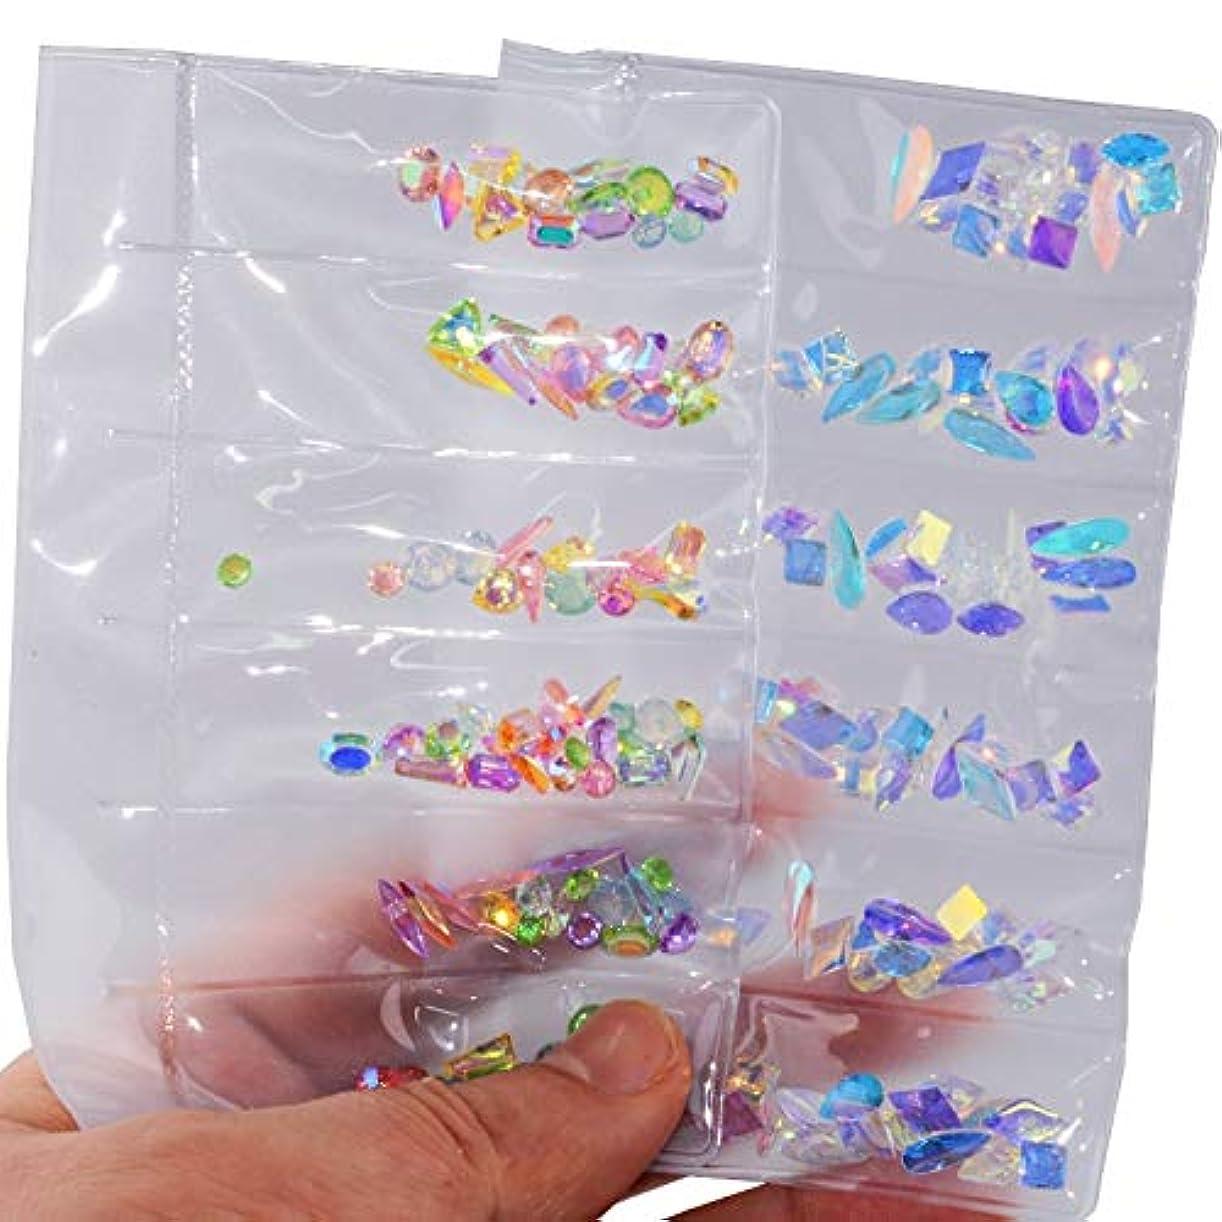 ツイン日記うっかり2パックセットネイルアートラインストーンネイルアートデコレーションフラットバックガラスダイヤモンドティアドロップ馬の目の水晶石